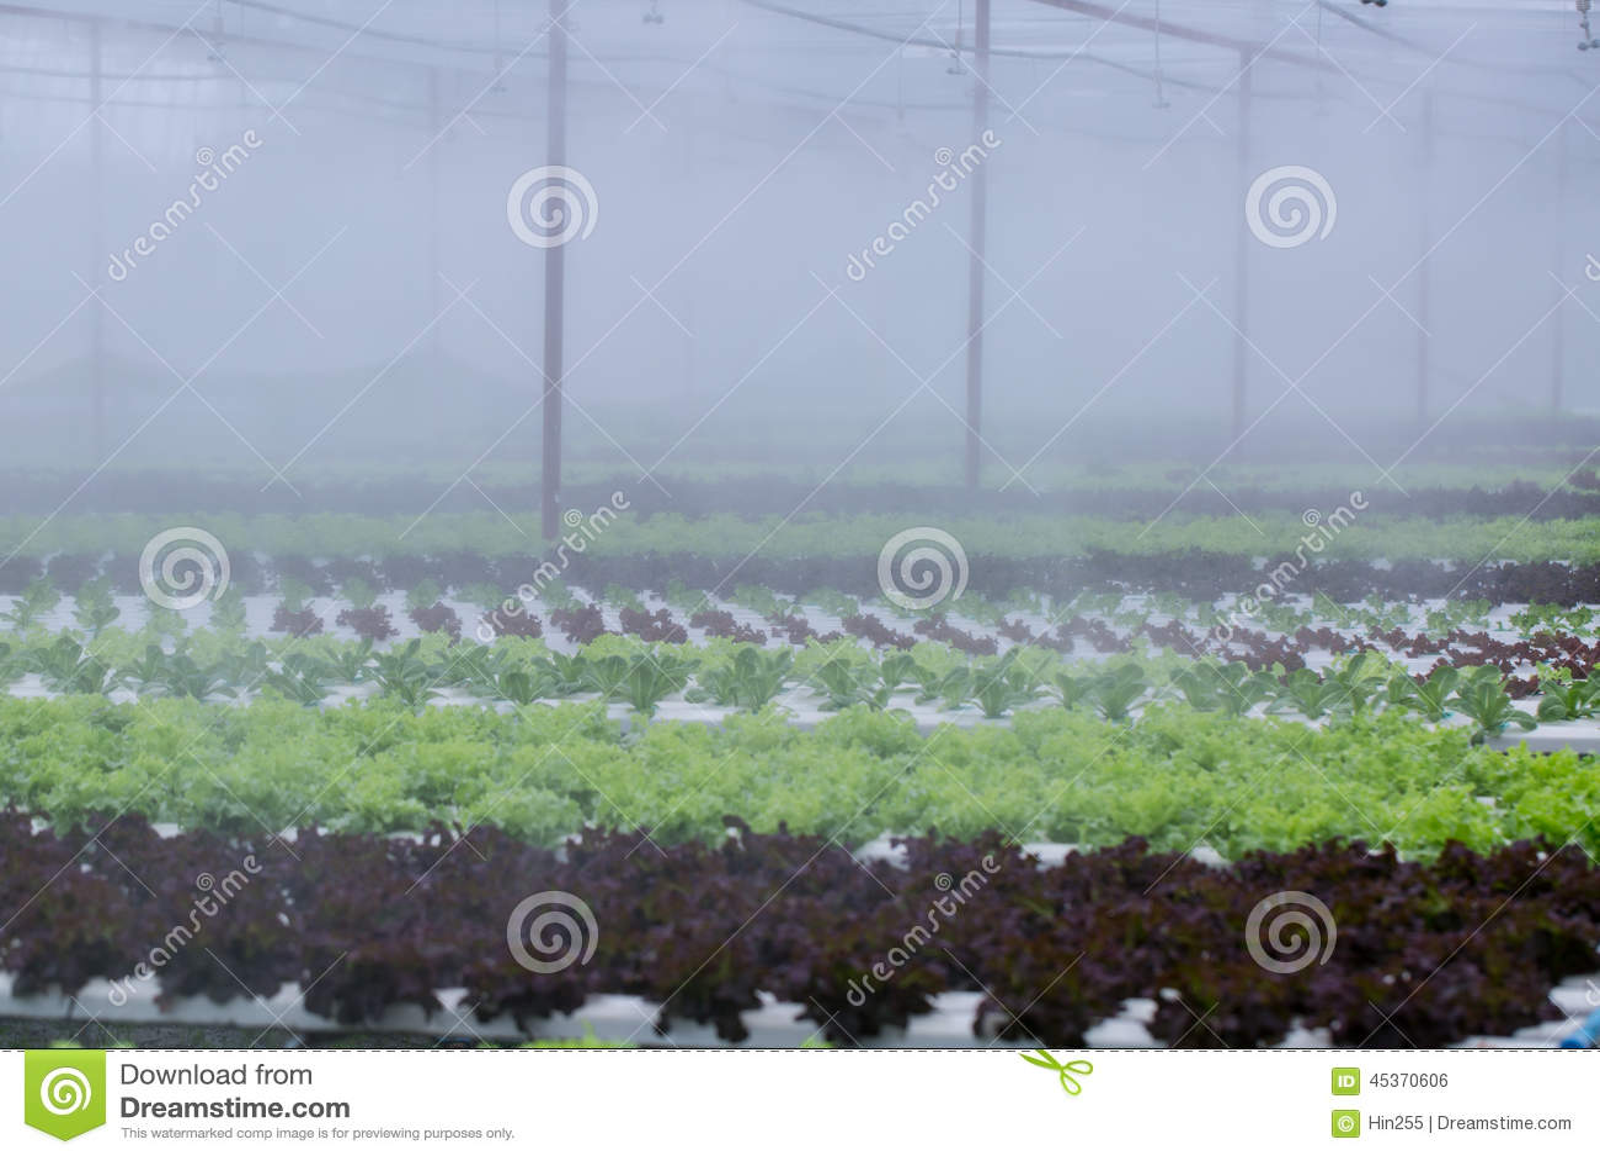 Légume de culture hydroponique